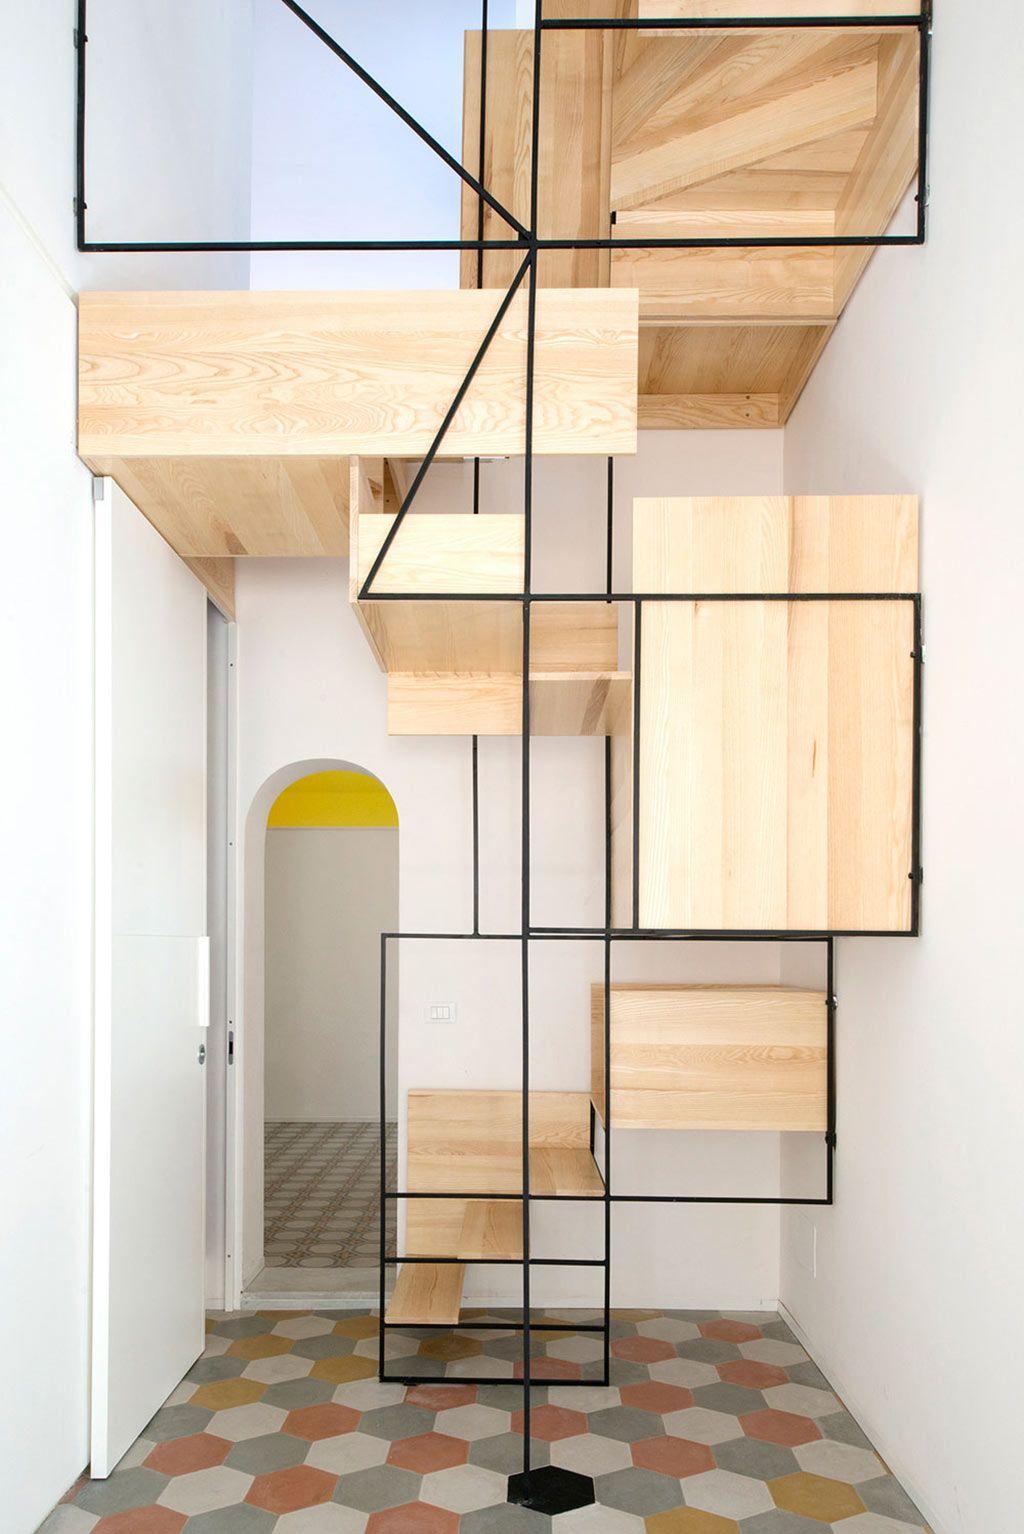 The Amazing Staircase In Casa G Escalier Design Escalier